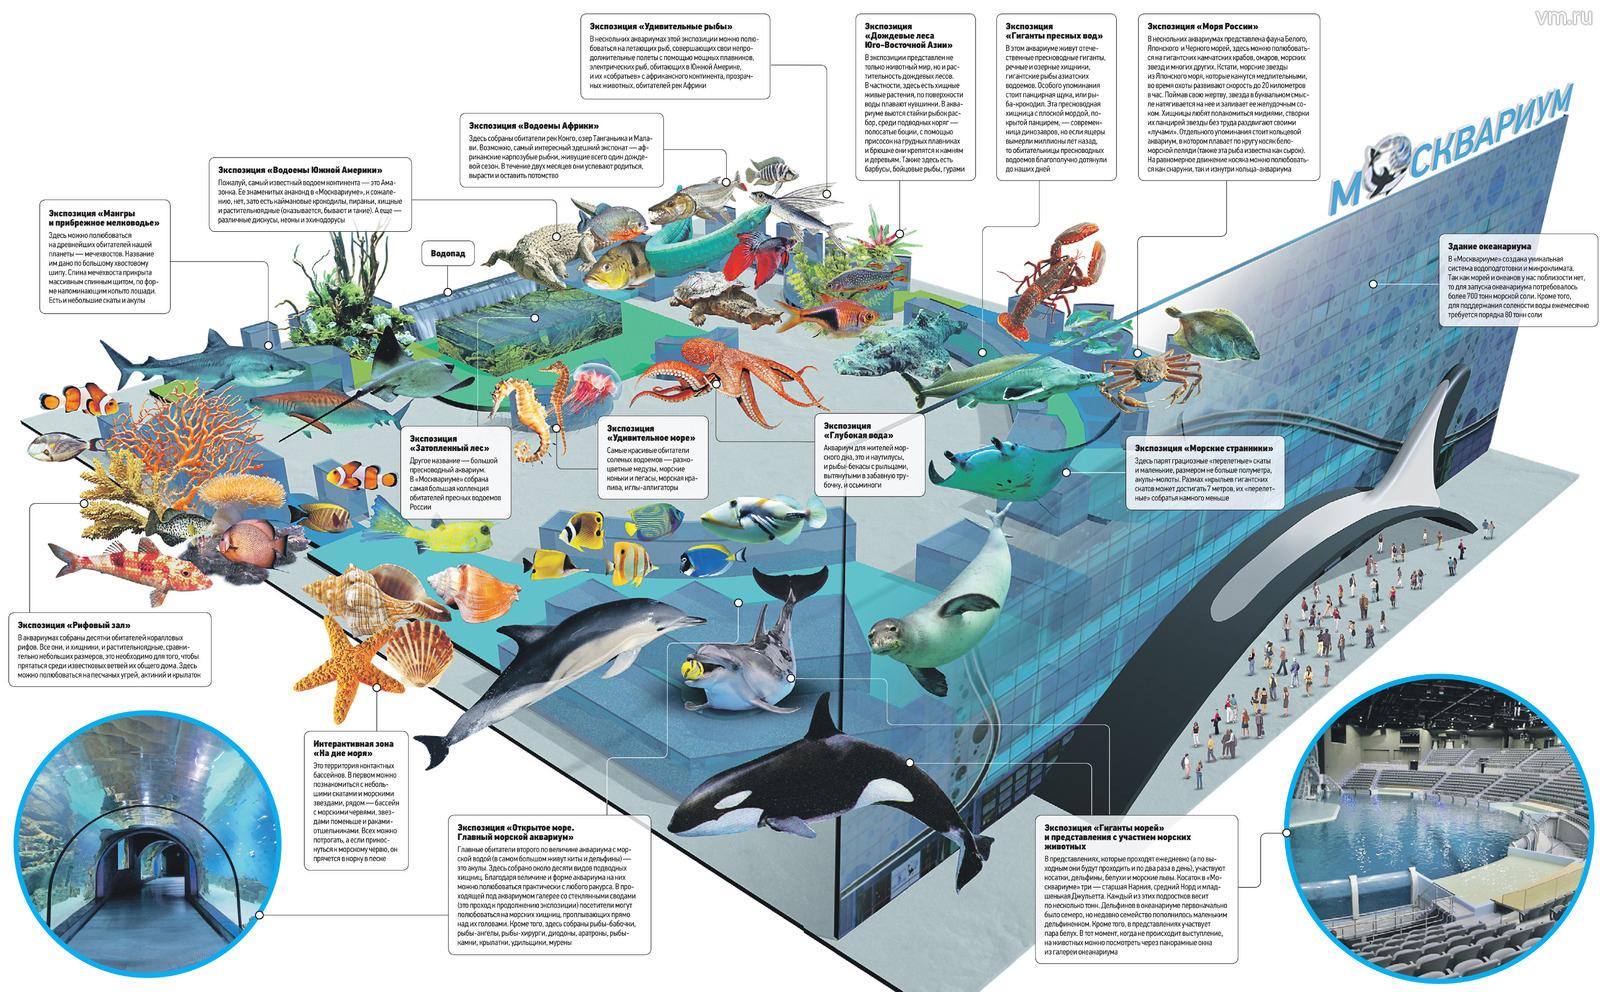 Океанариум петербурга находится в центре города, в комплексе «планета нептун».